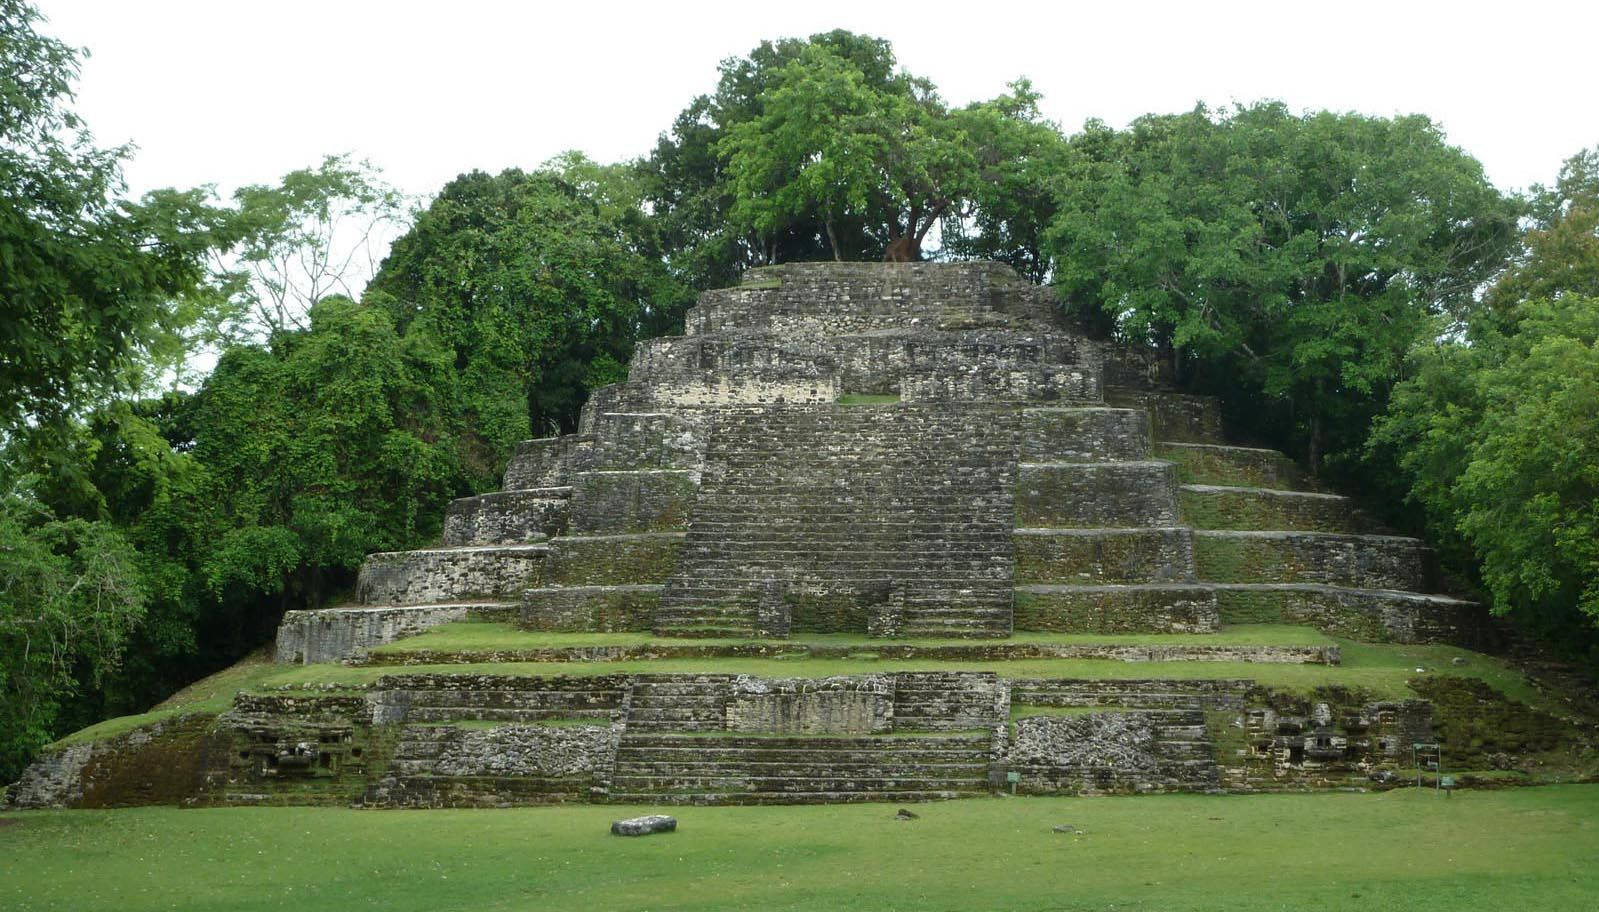 The Jaguar Temple at Lamanai, Belize, just after the tour group left